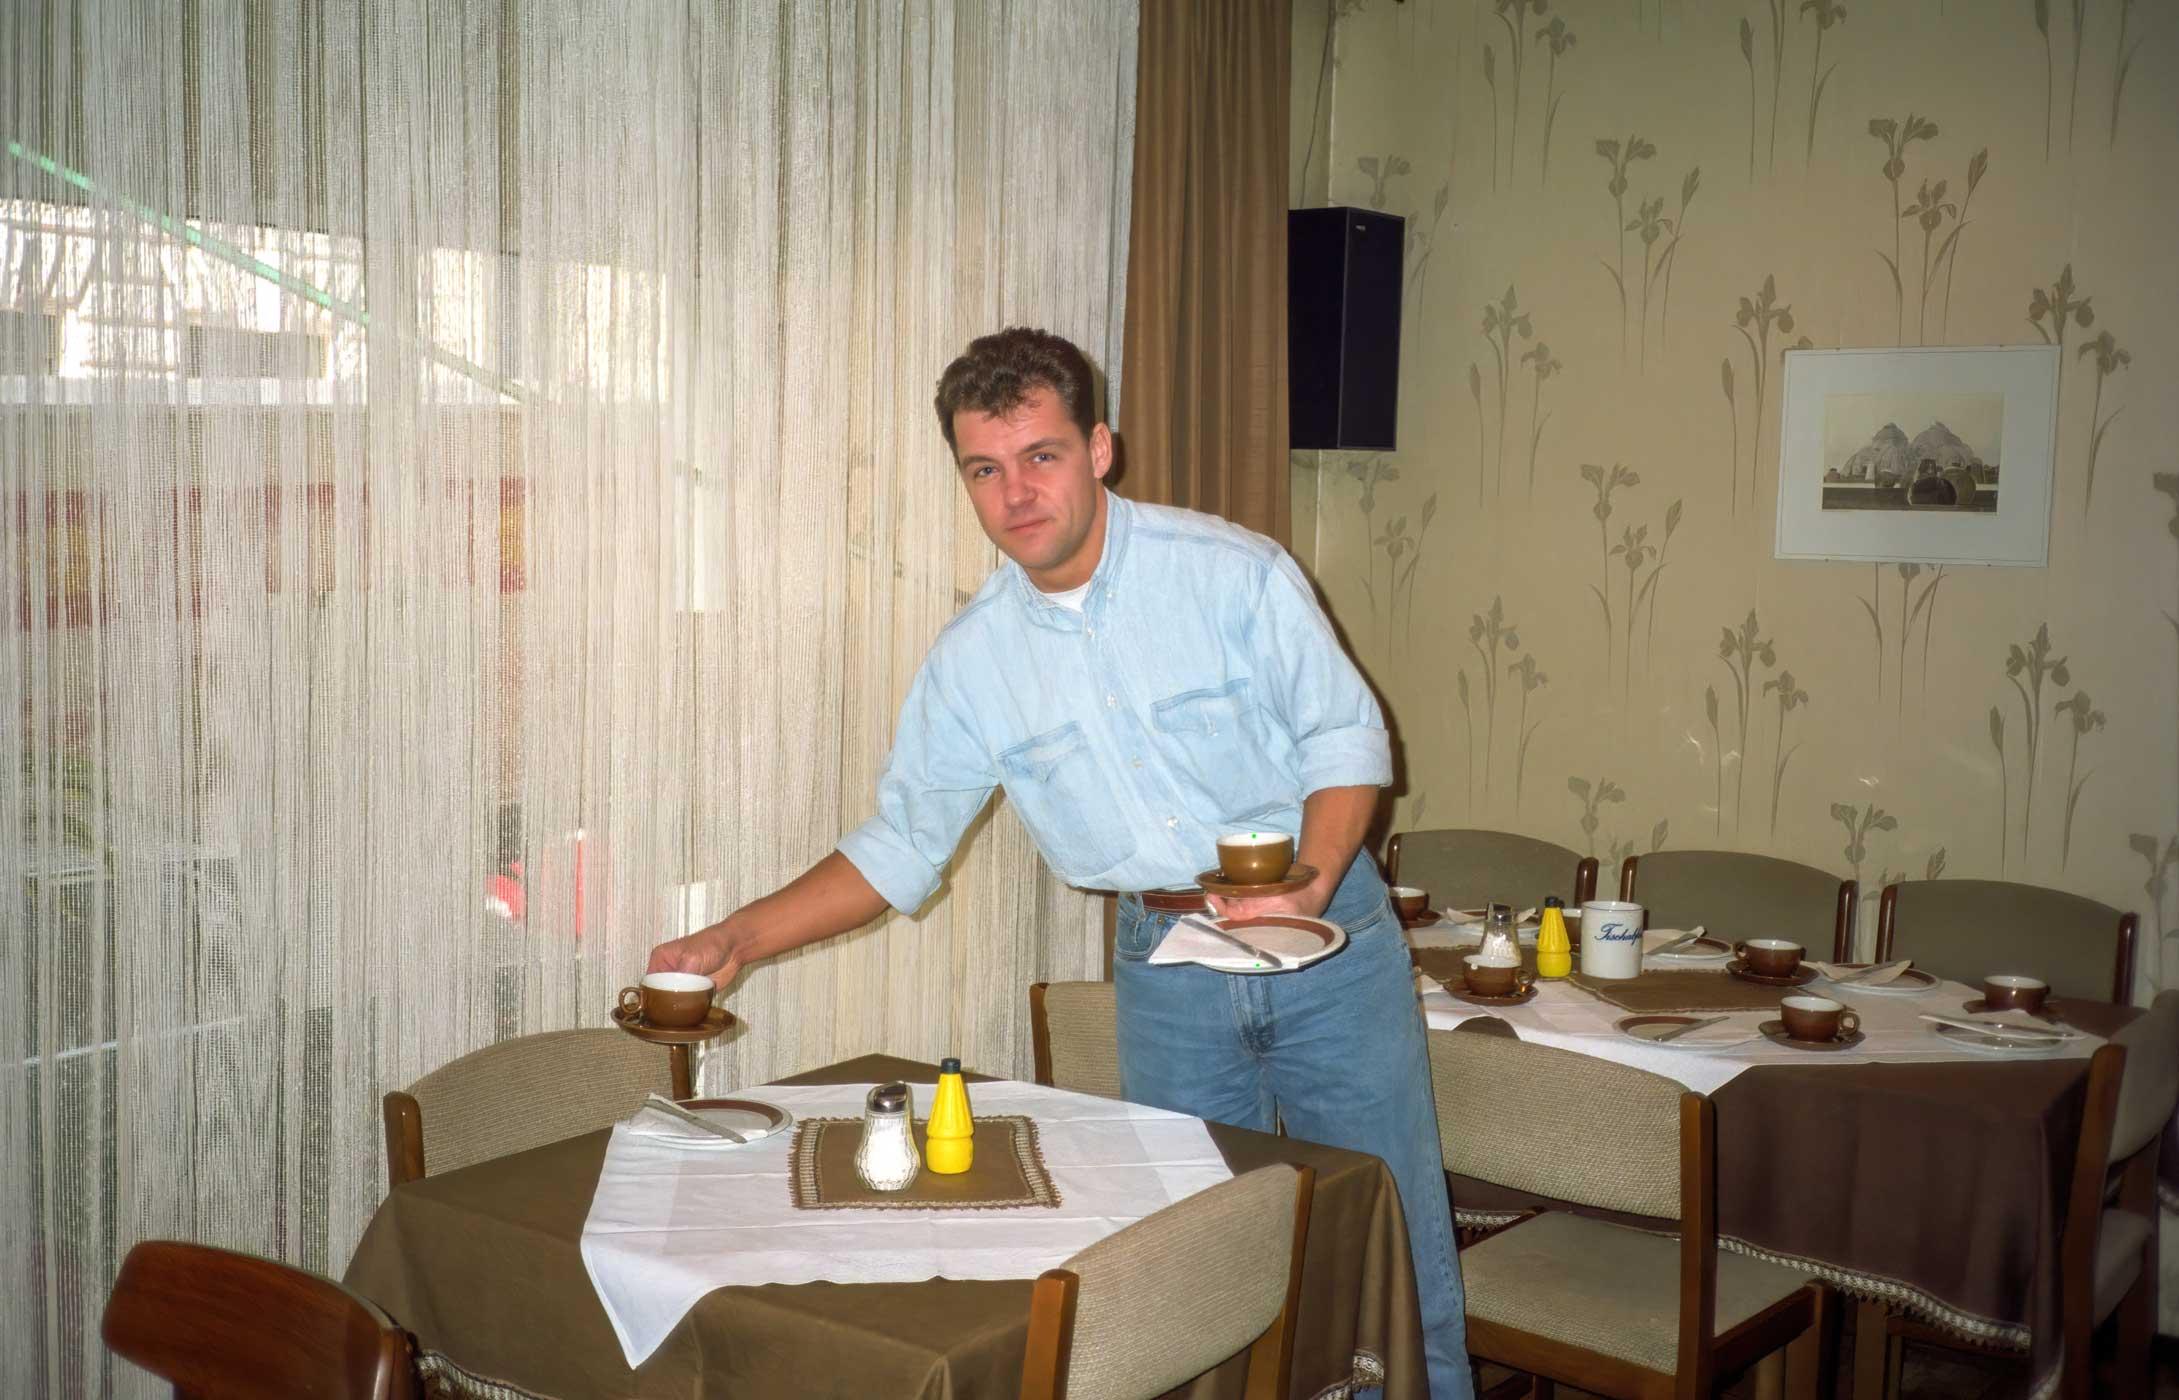 Peter beim Aufdecken im Frühstücksraum